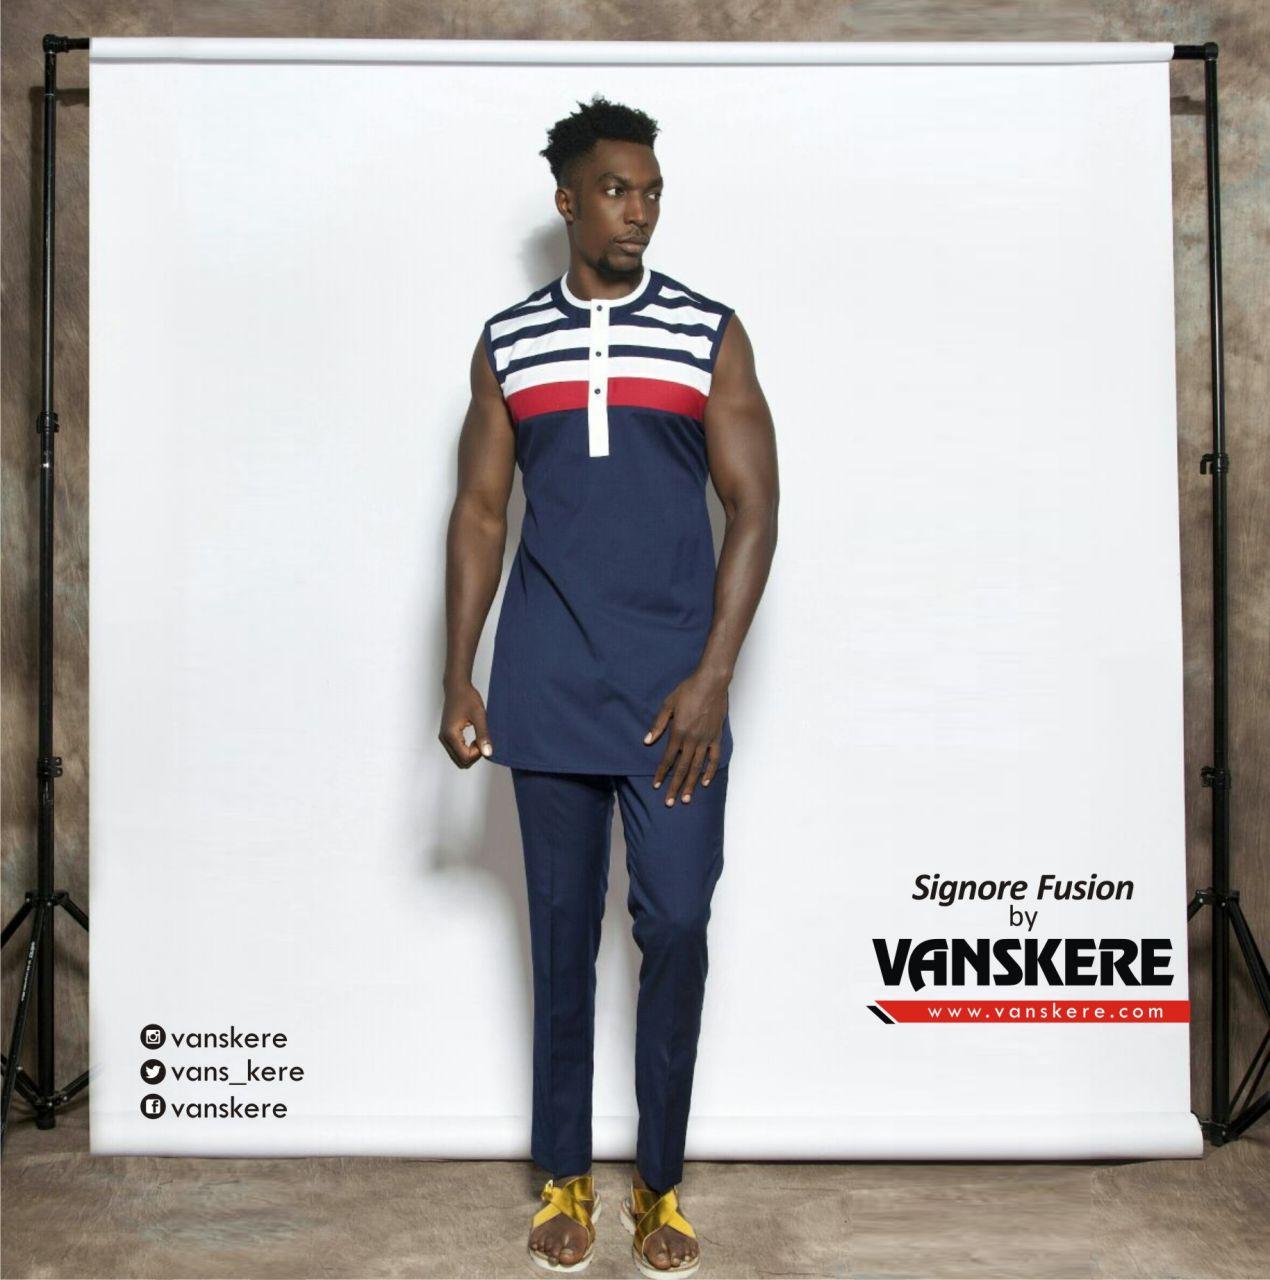 Signore Fusion by Vanskere - BN Style - BellaNaija.com - 015